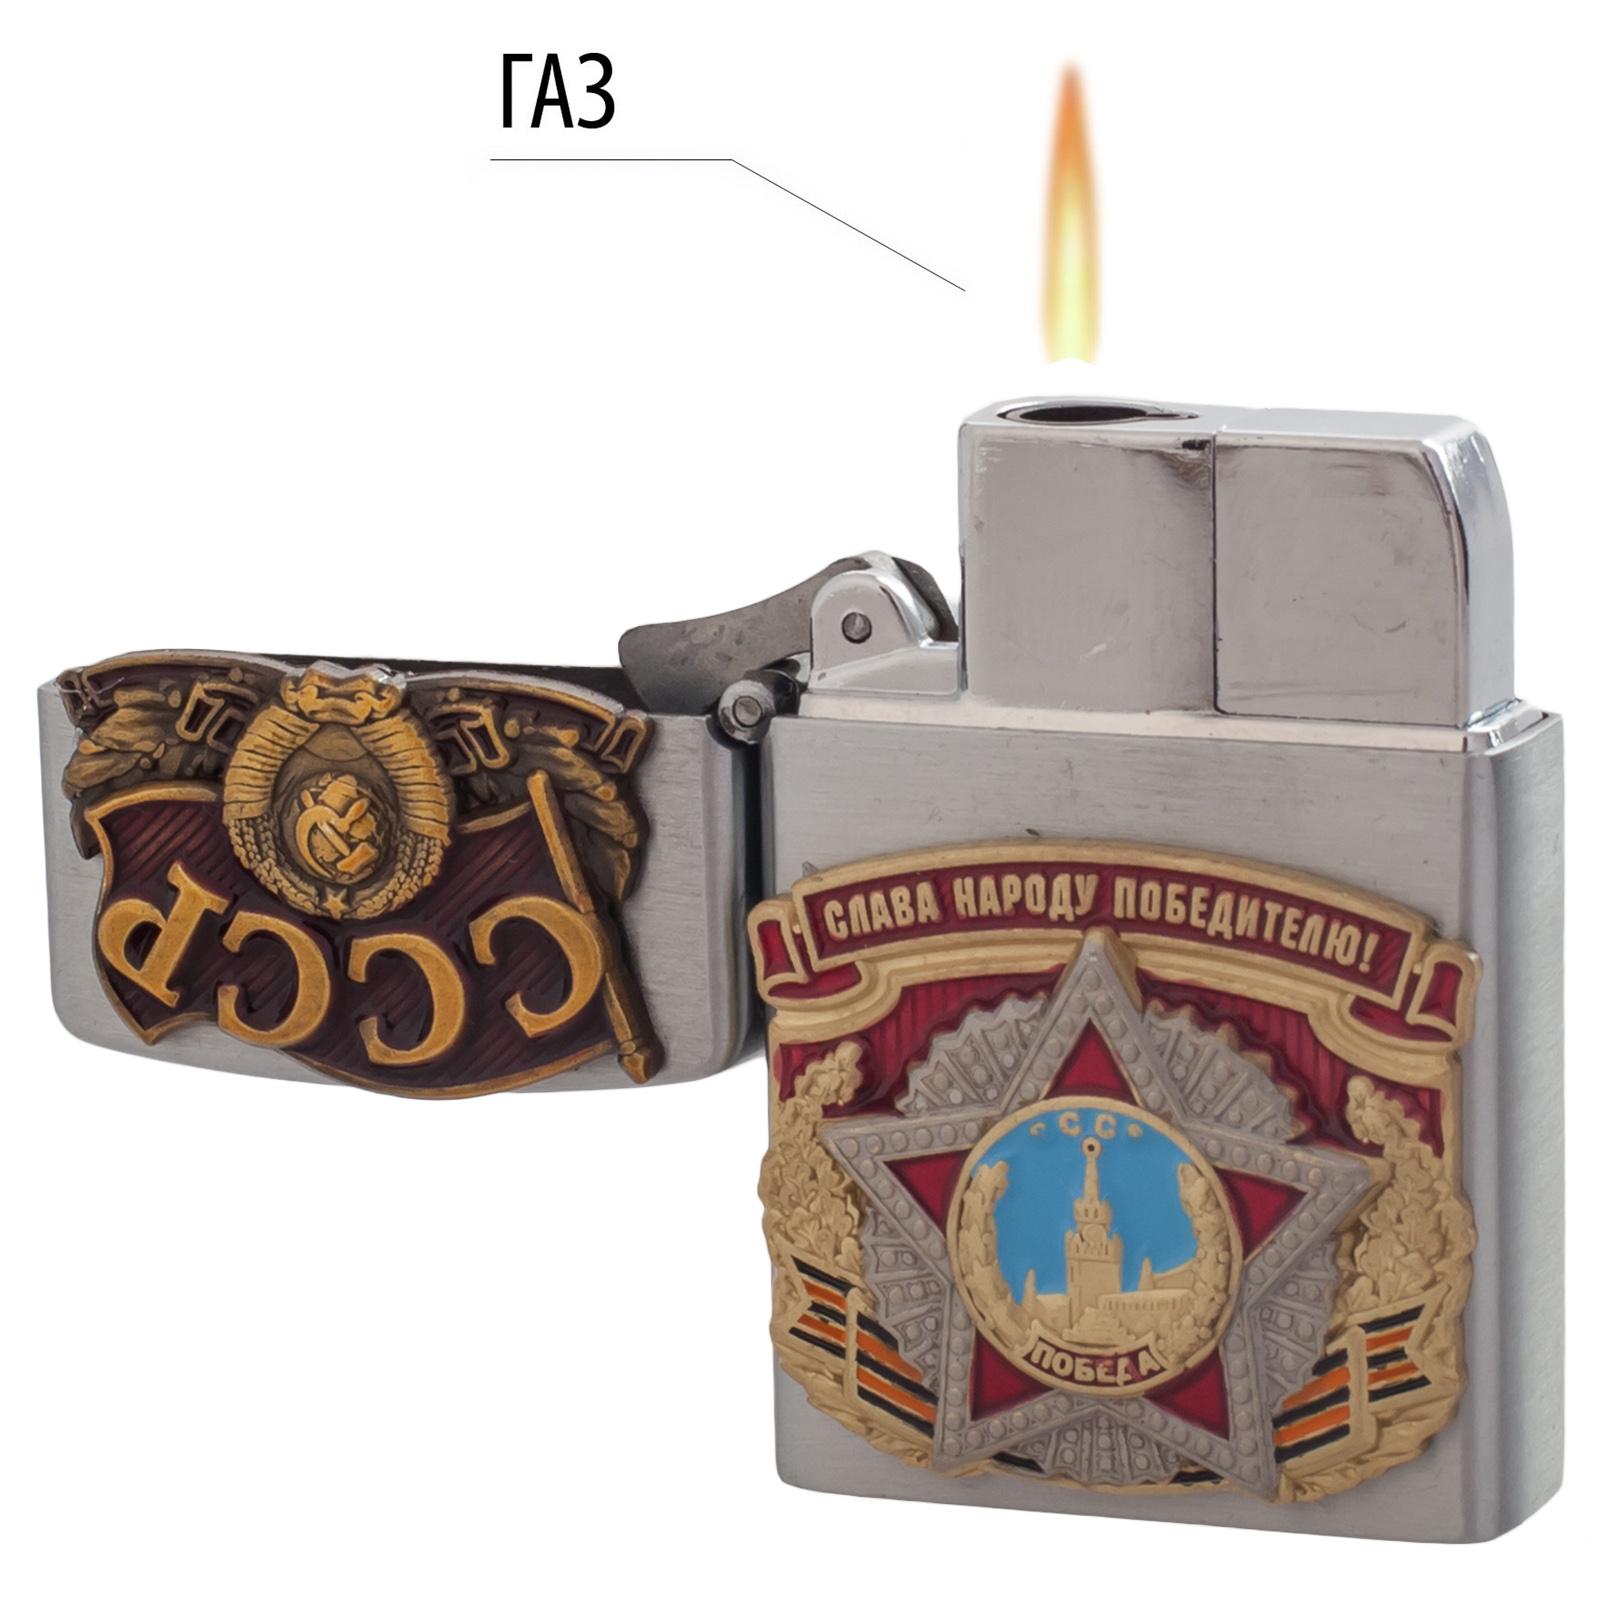 Эксклюзивная газовая зажигалка Слава народу победителю!